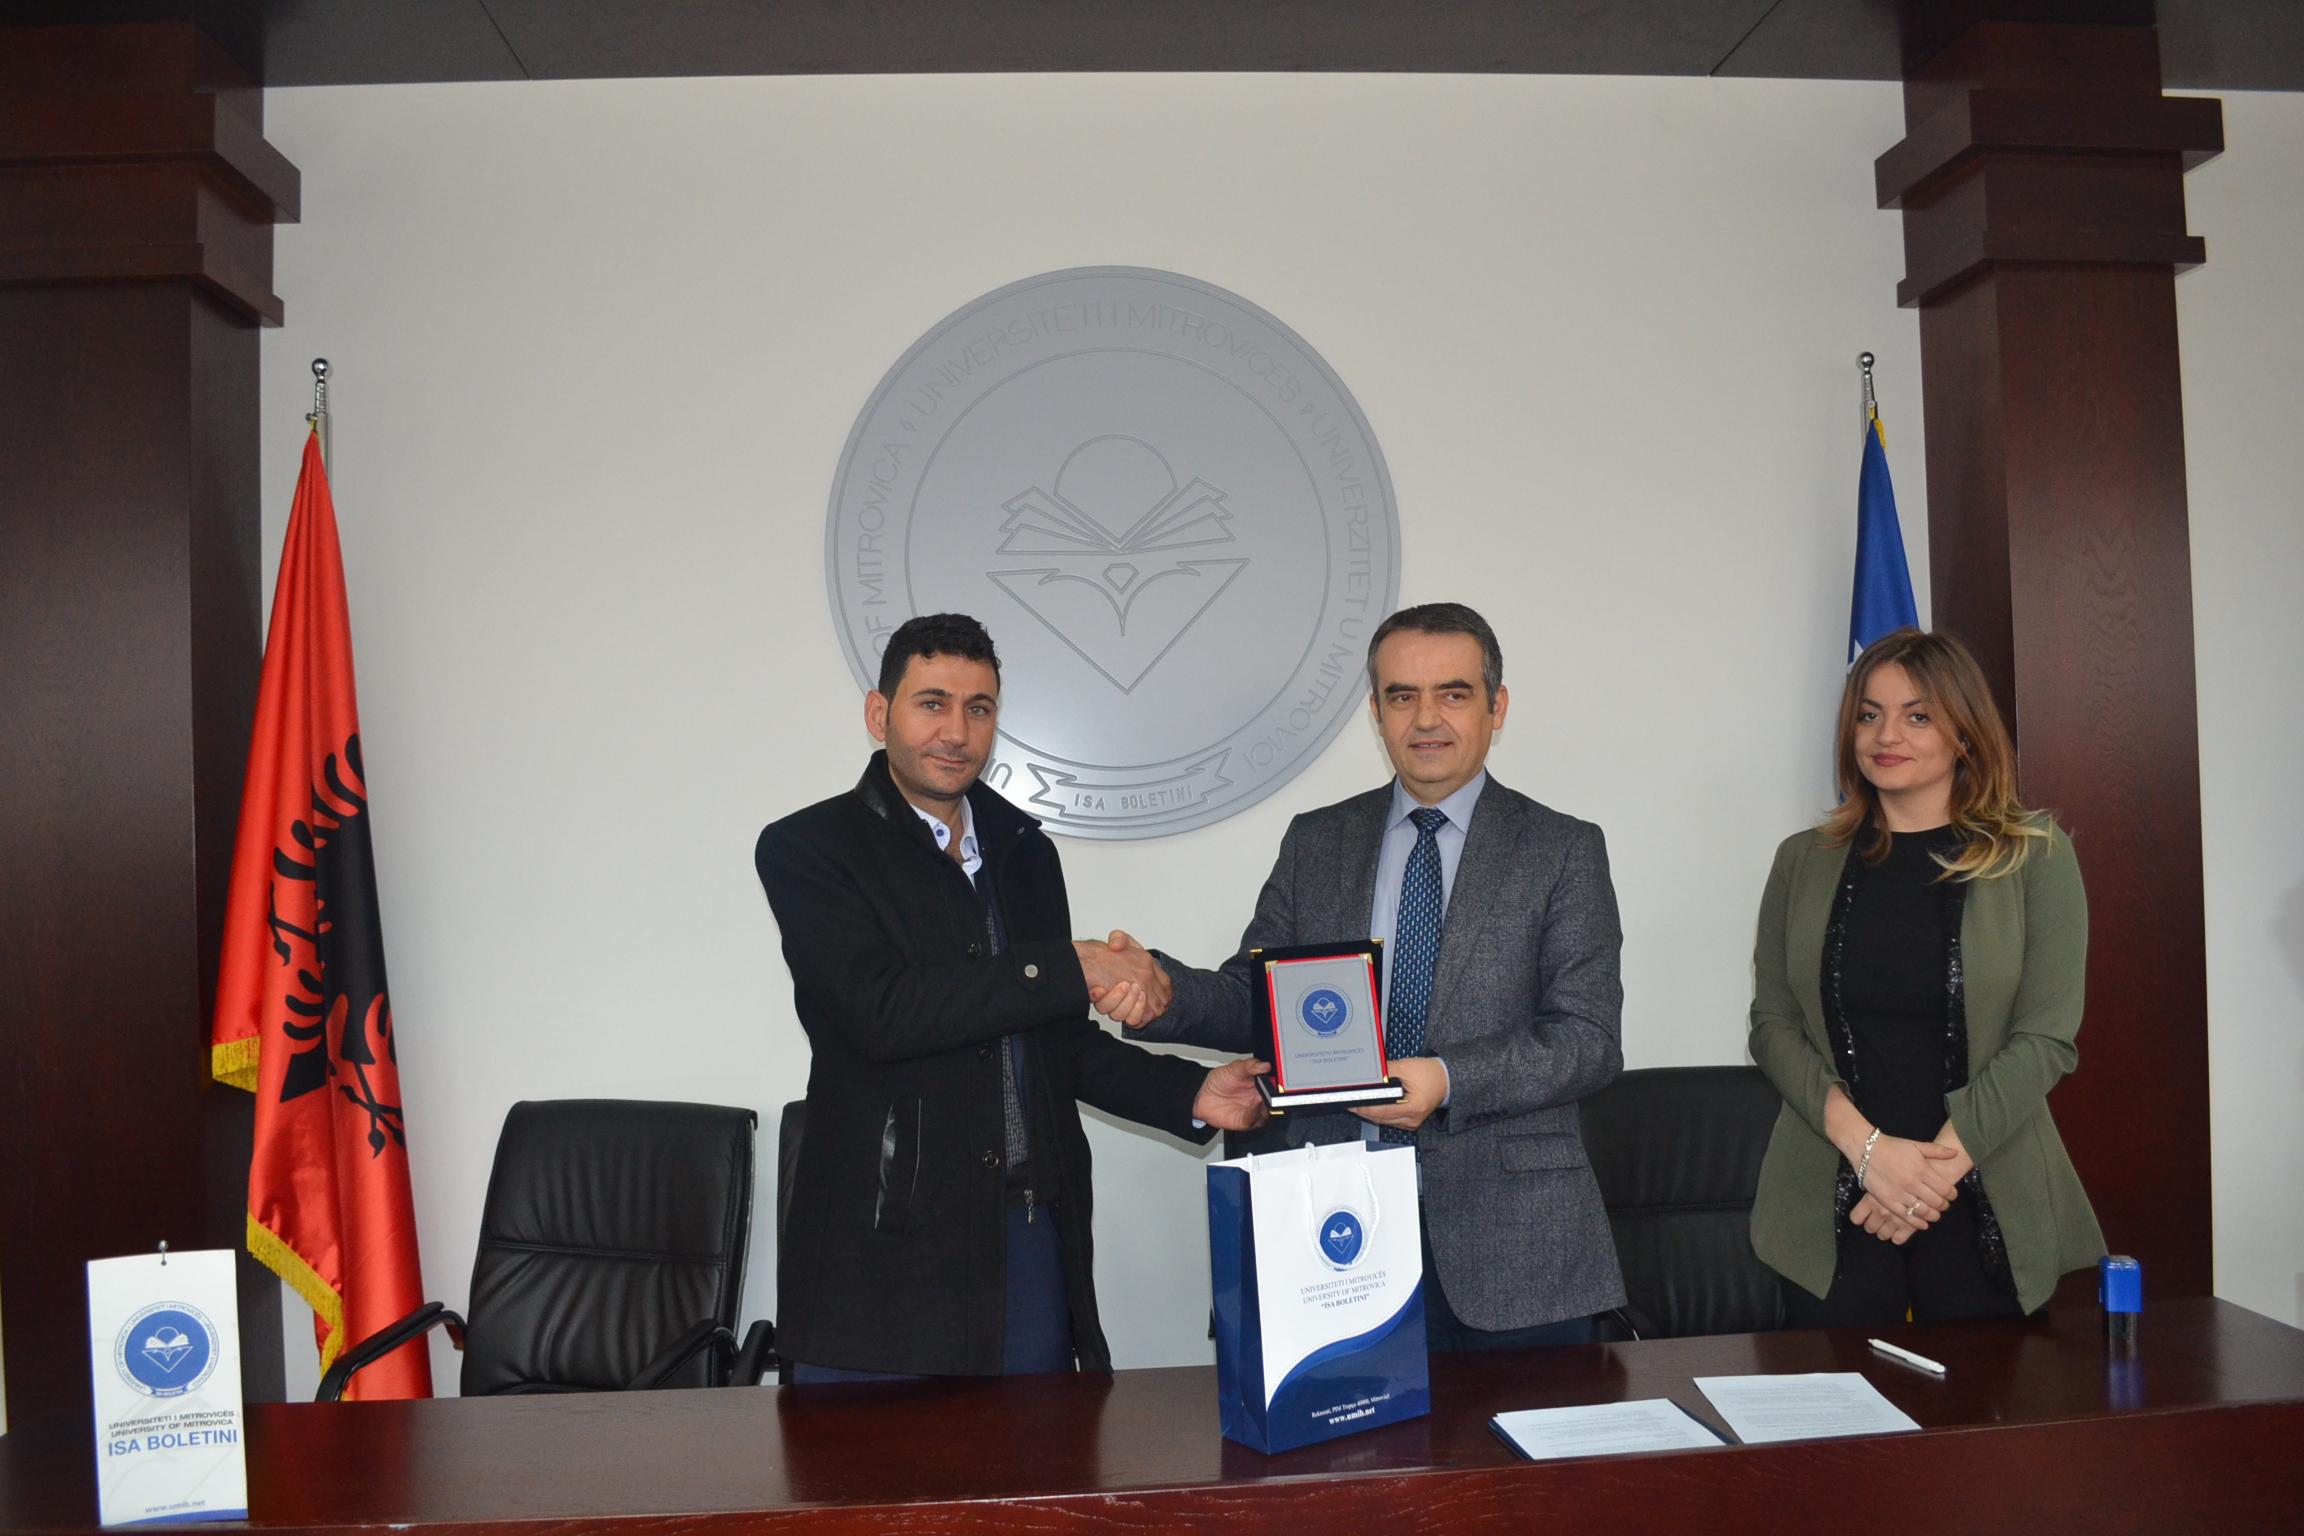 Mundësi për punë praktike që paguhet si punë sezonale në Turqi, për studentët e UMIB-it